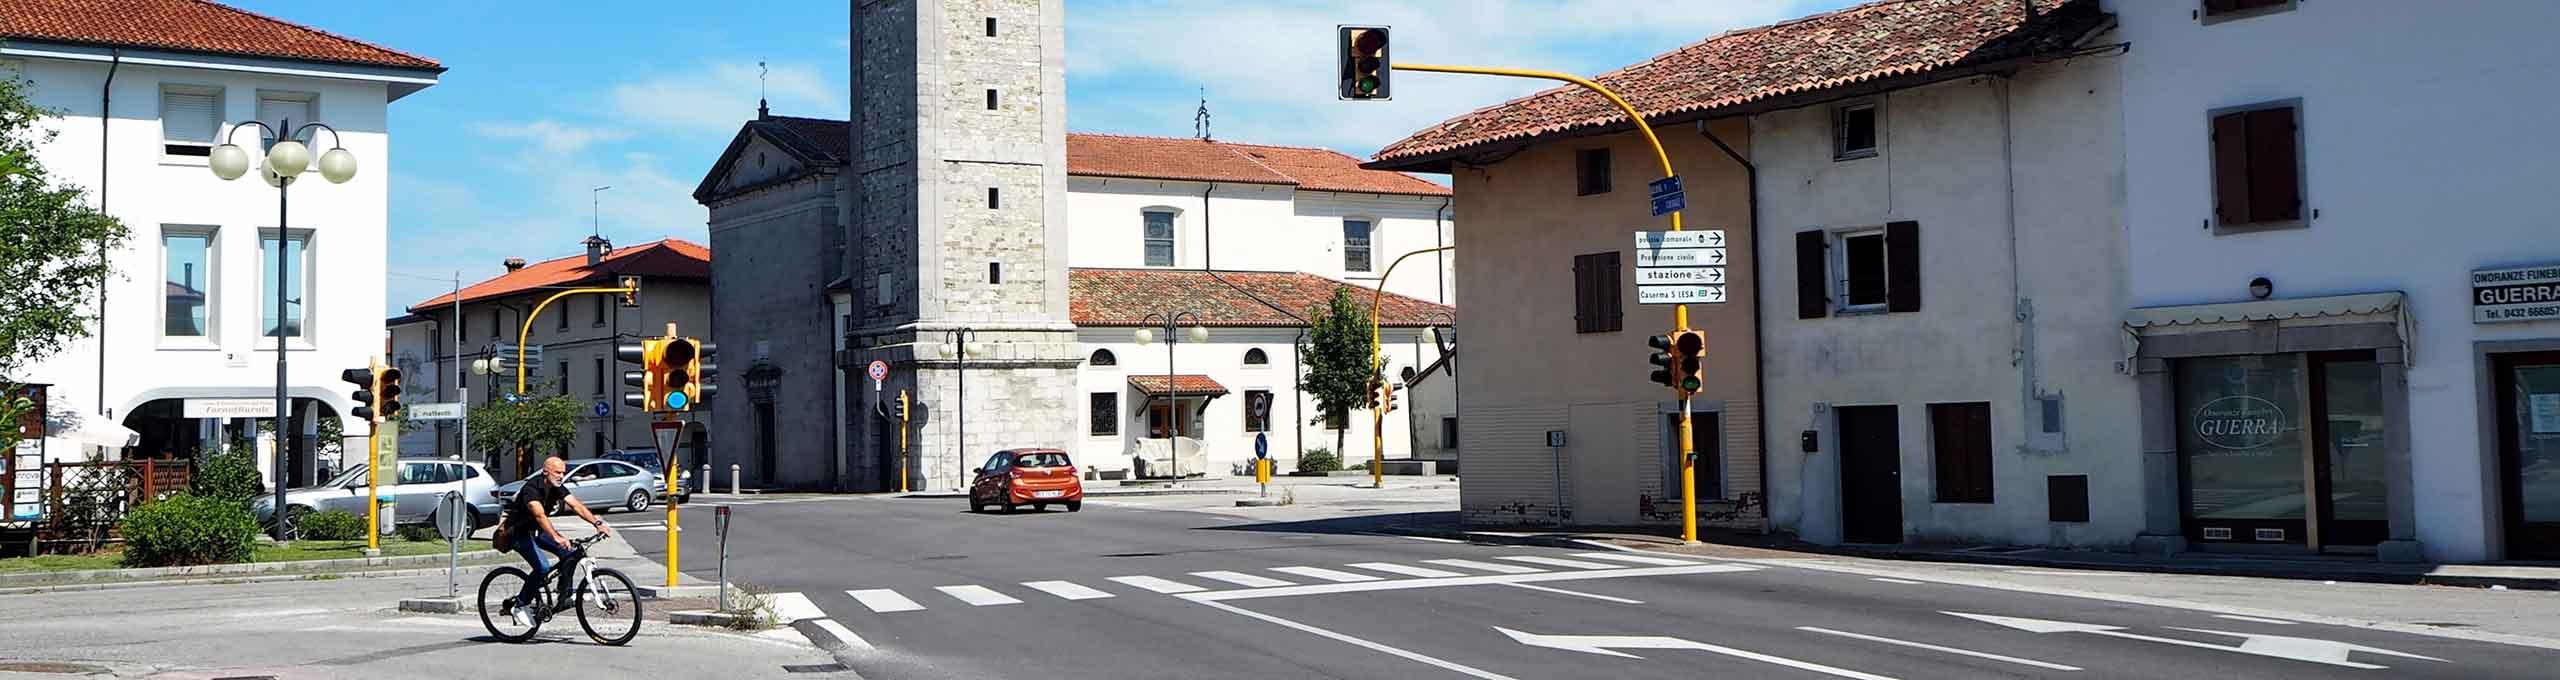 Remanzacco, Udine e dintorni